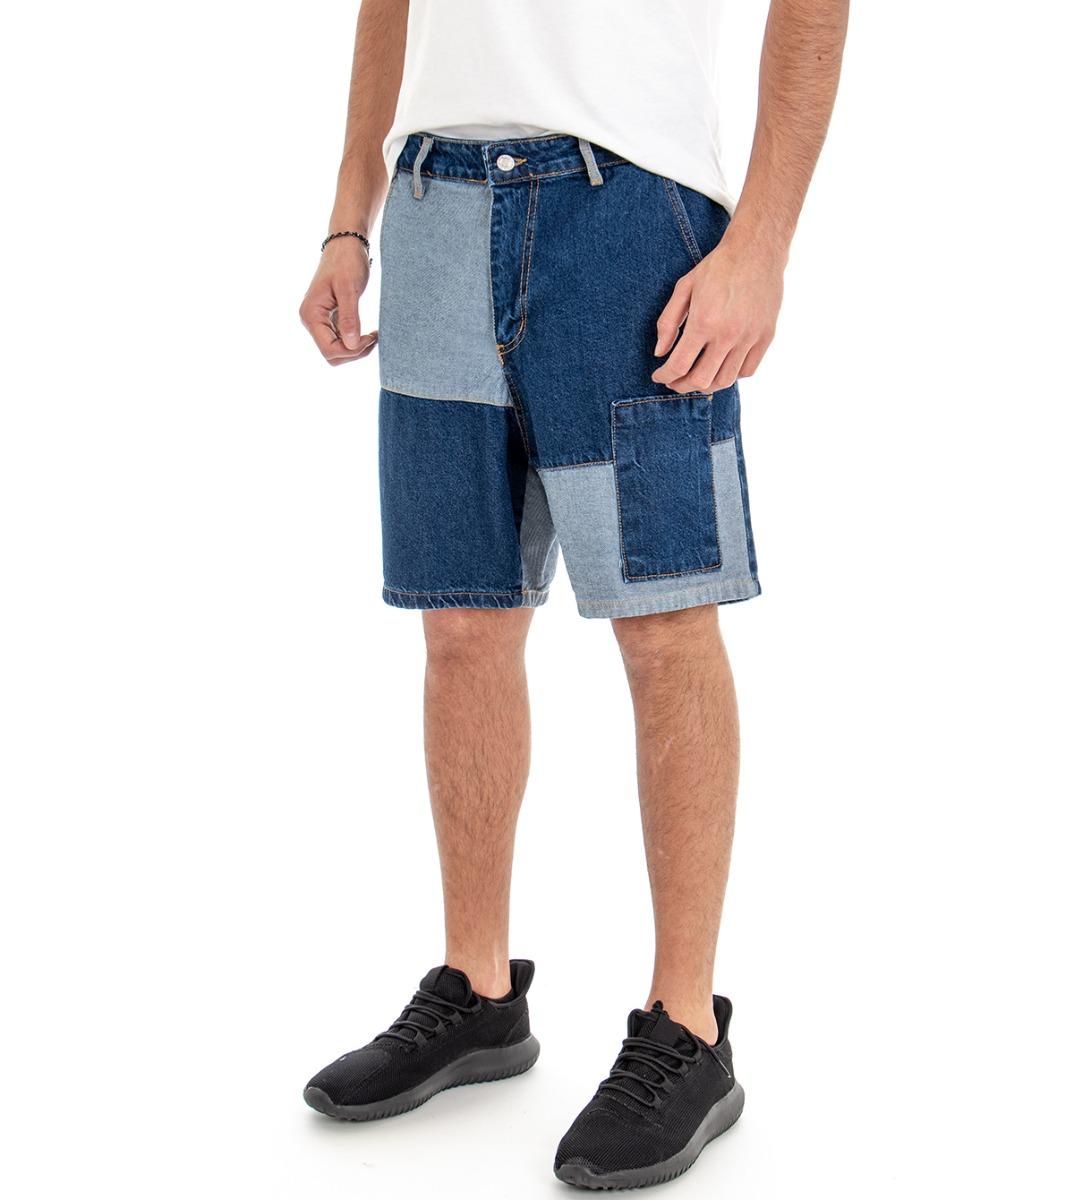 Aspirante Bermuda Jeans Pantaloni Corti Uomo Pantaloncini Denim Toppe Due Colori Giosal Buoni Compagni Per Bambini E Adulti